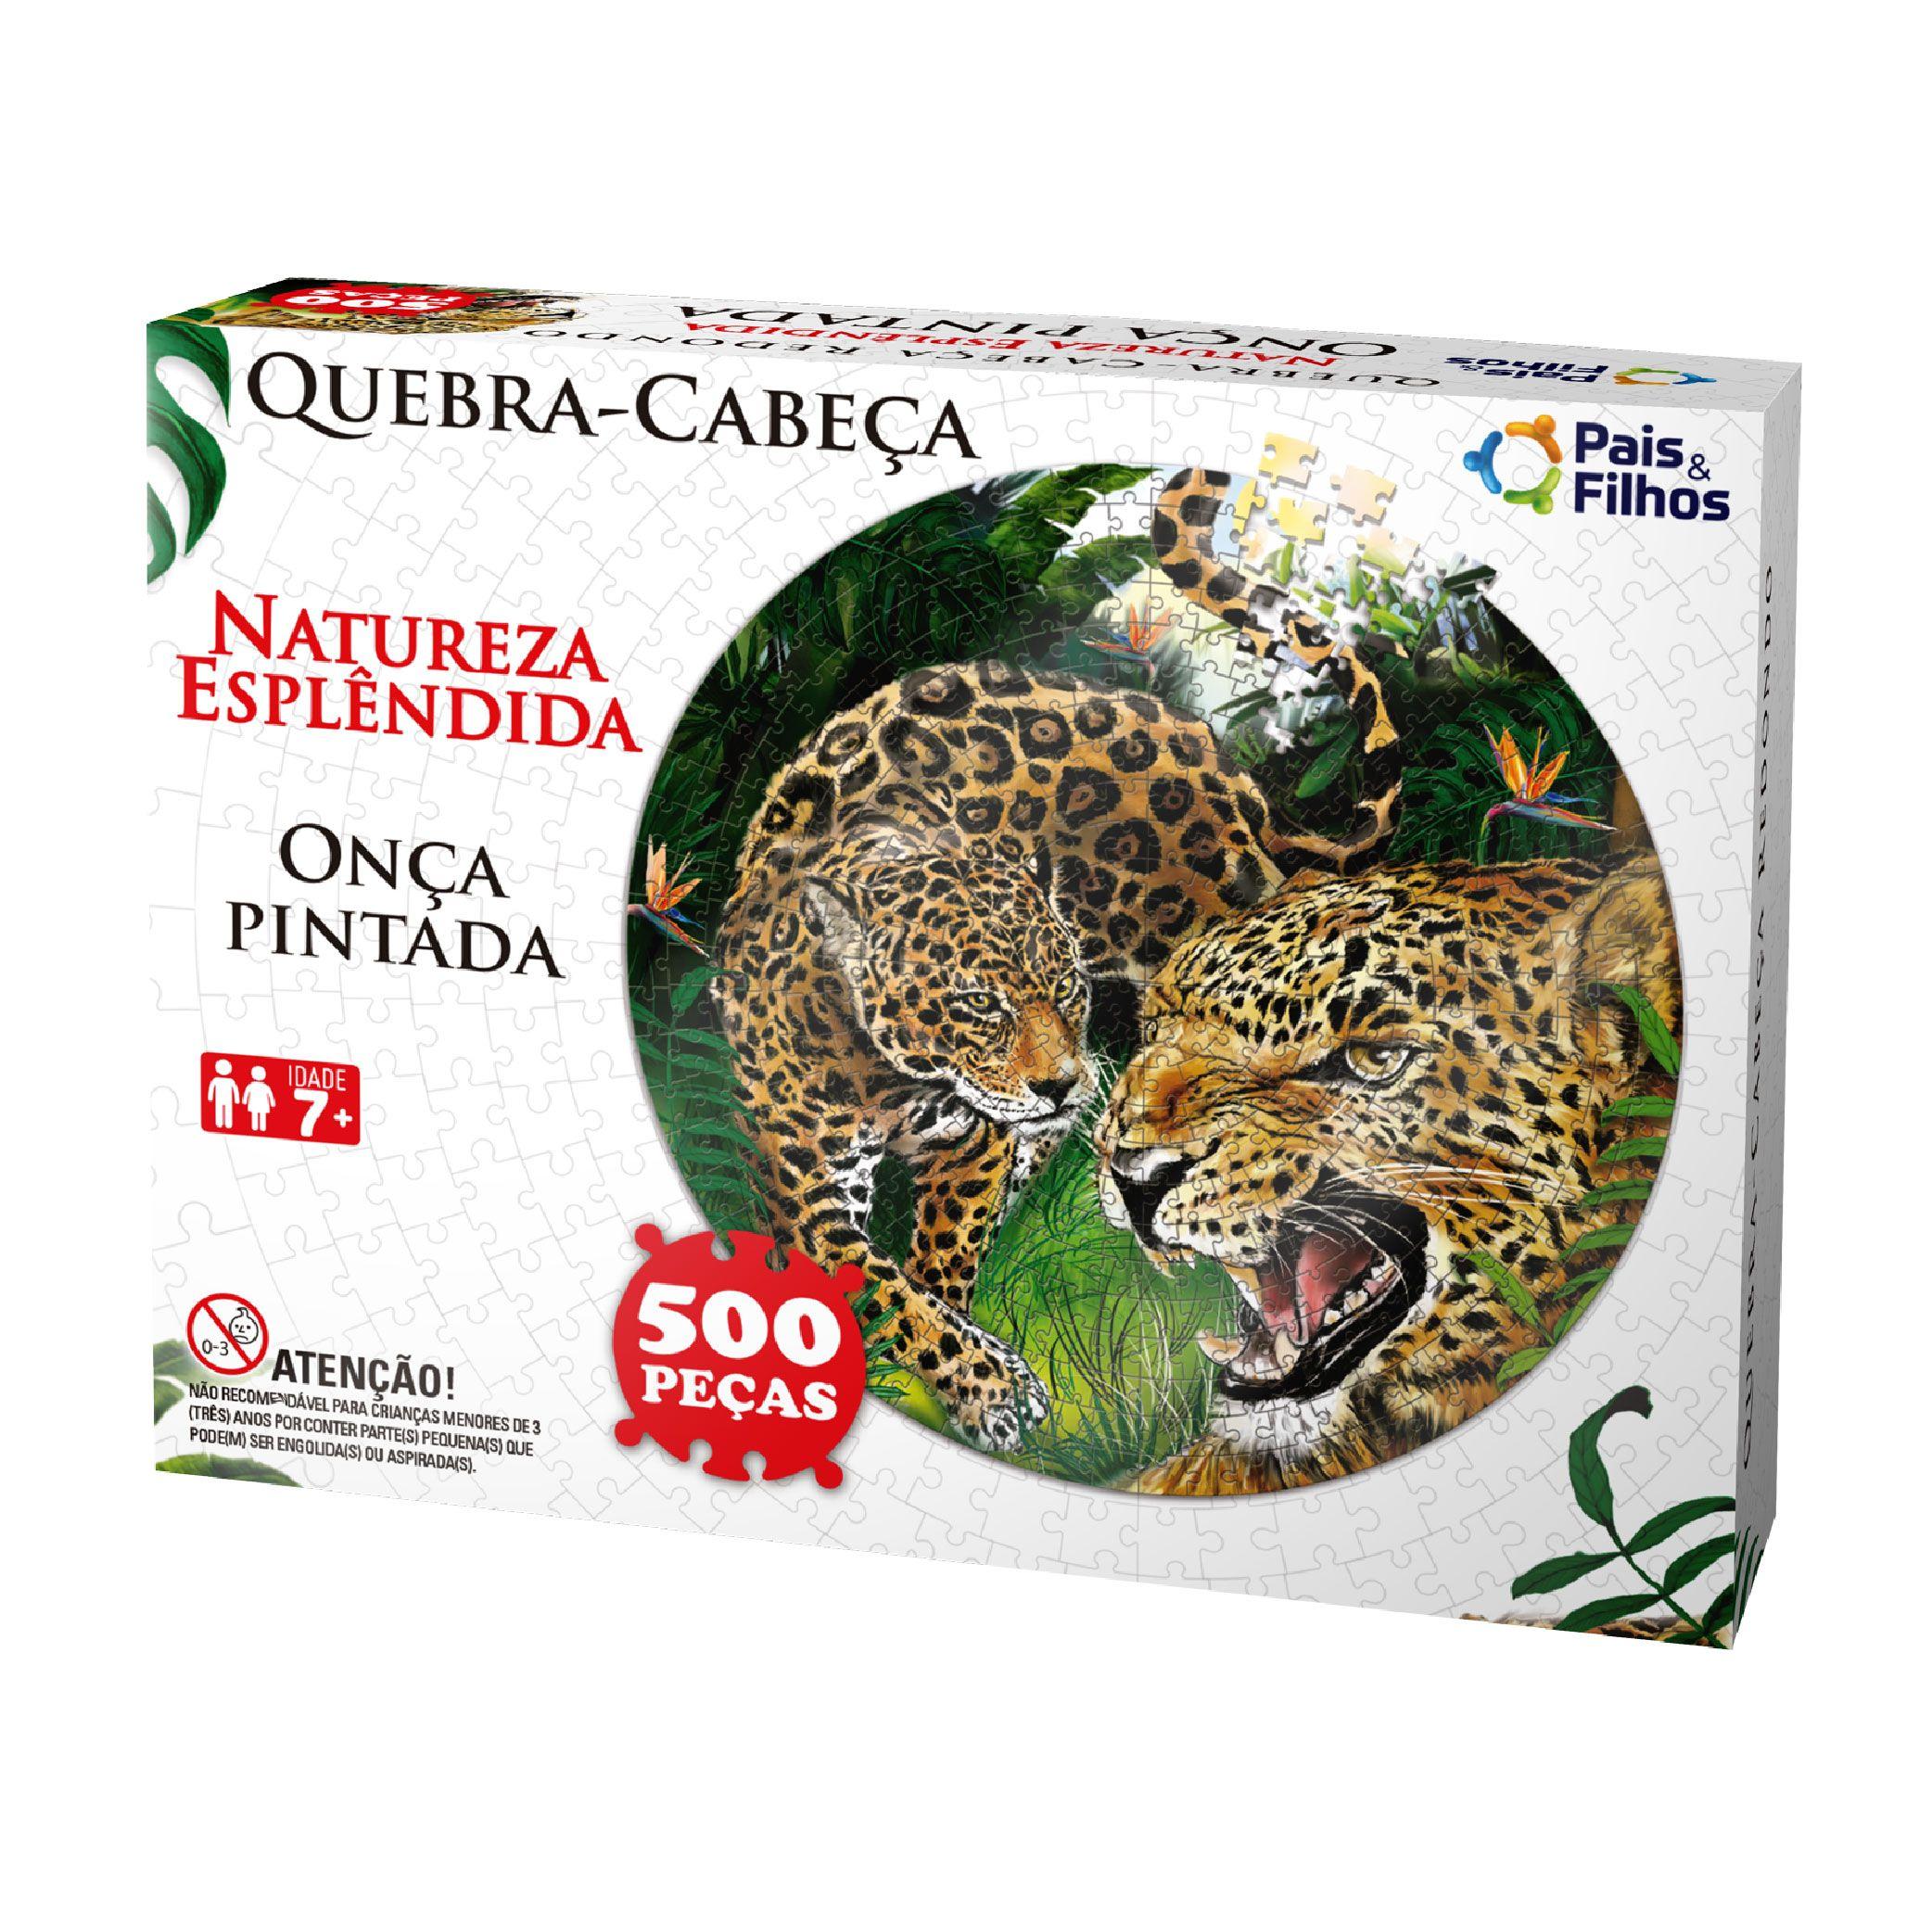 Quebra-cabeça Redondo 500P Onça Pintada-0936